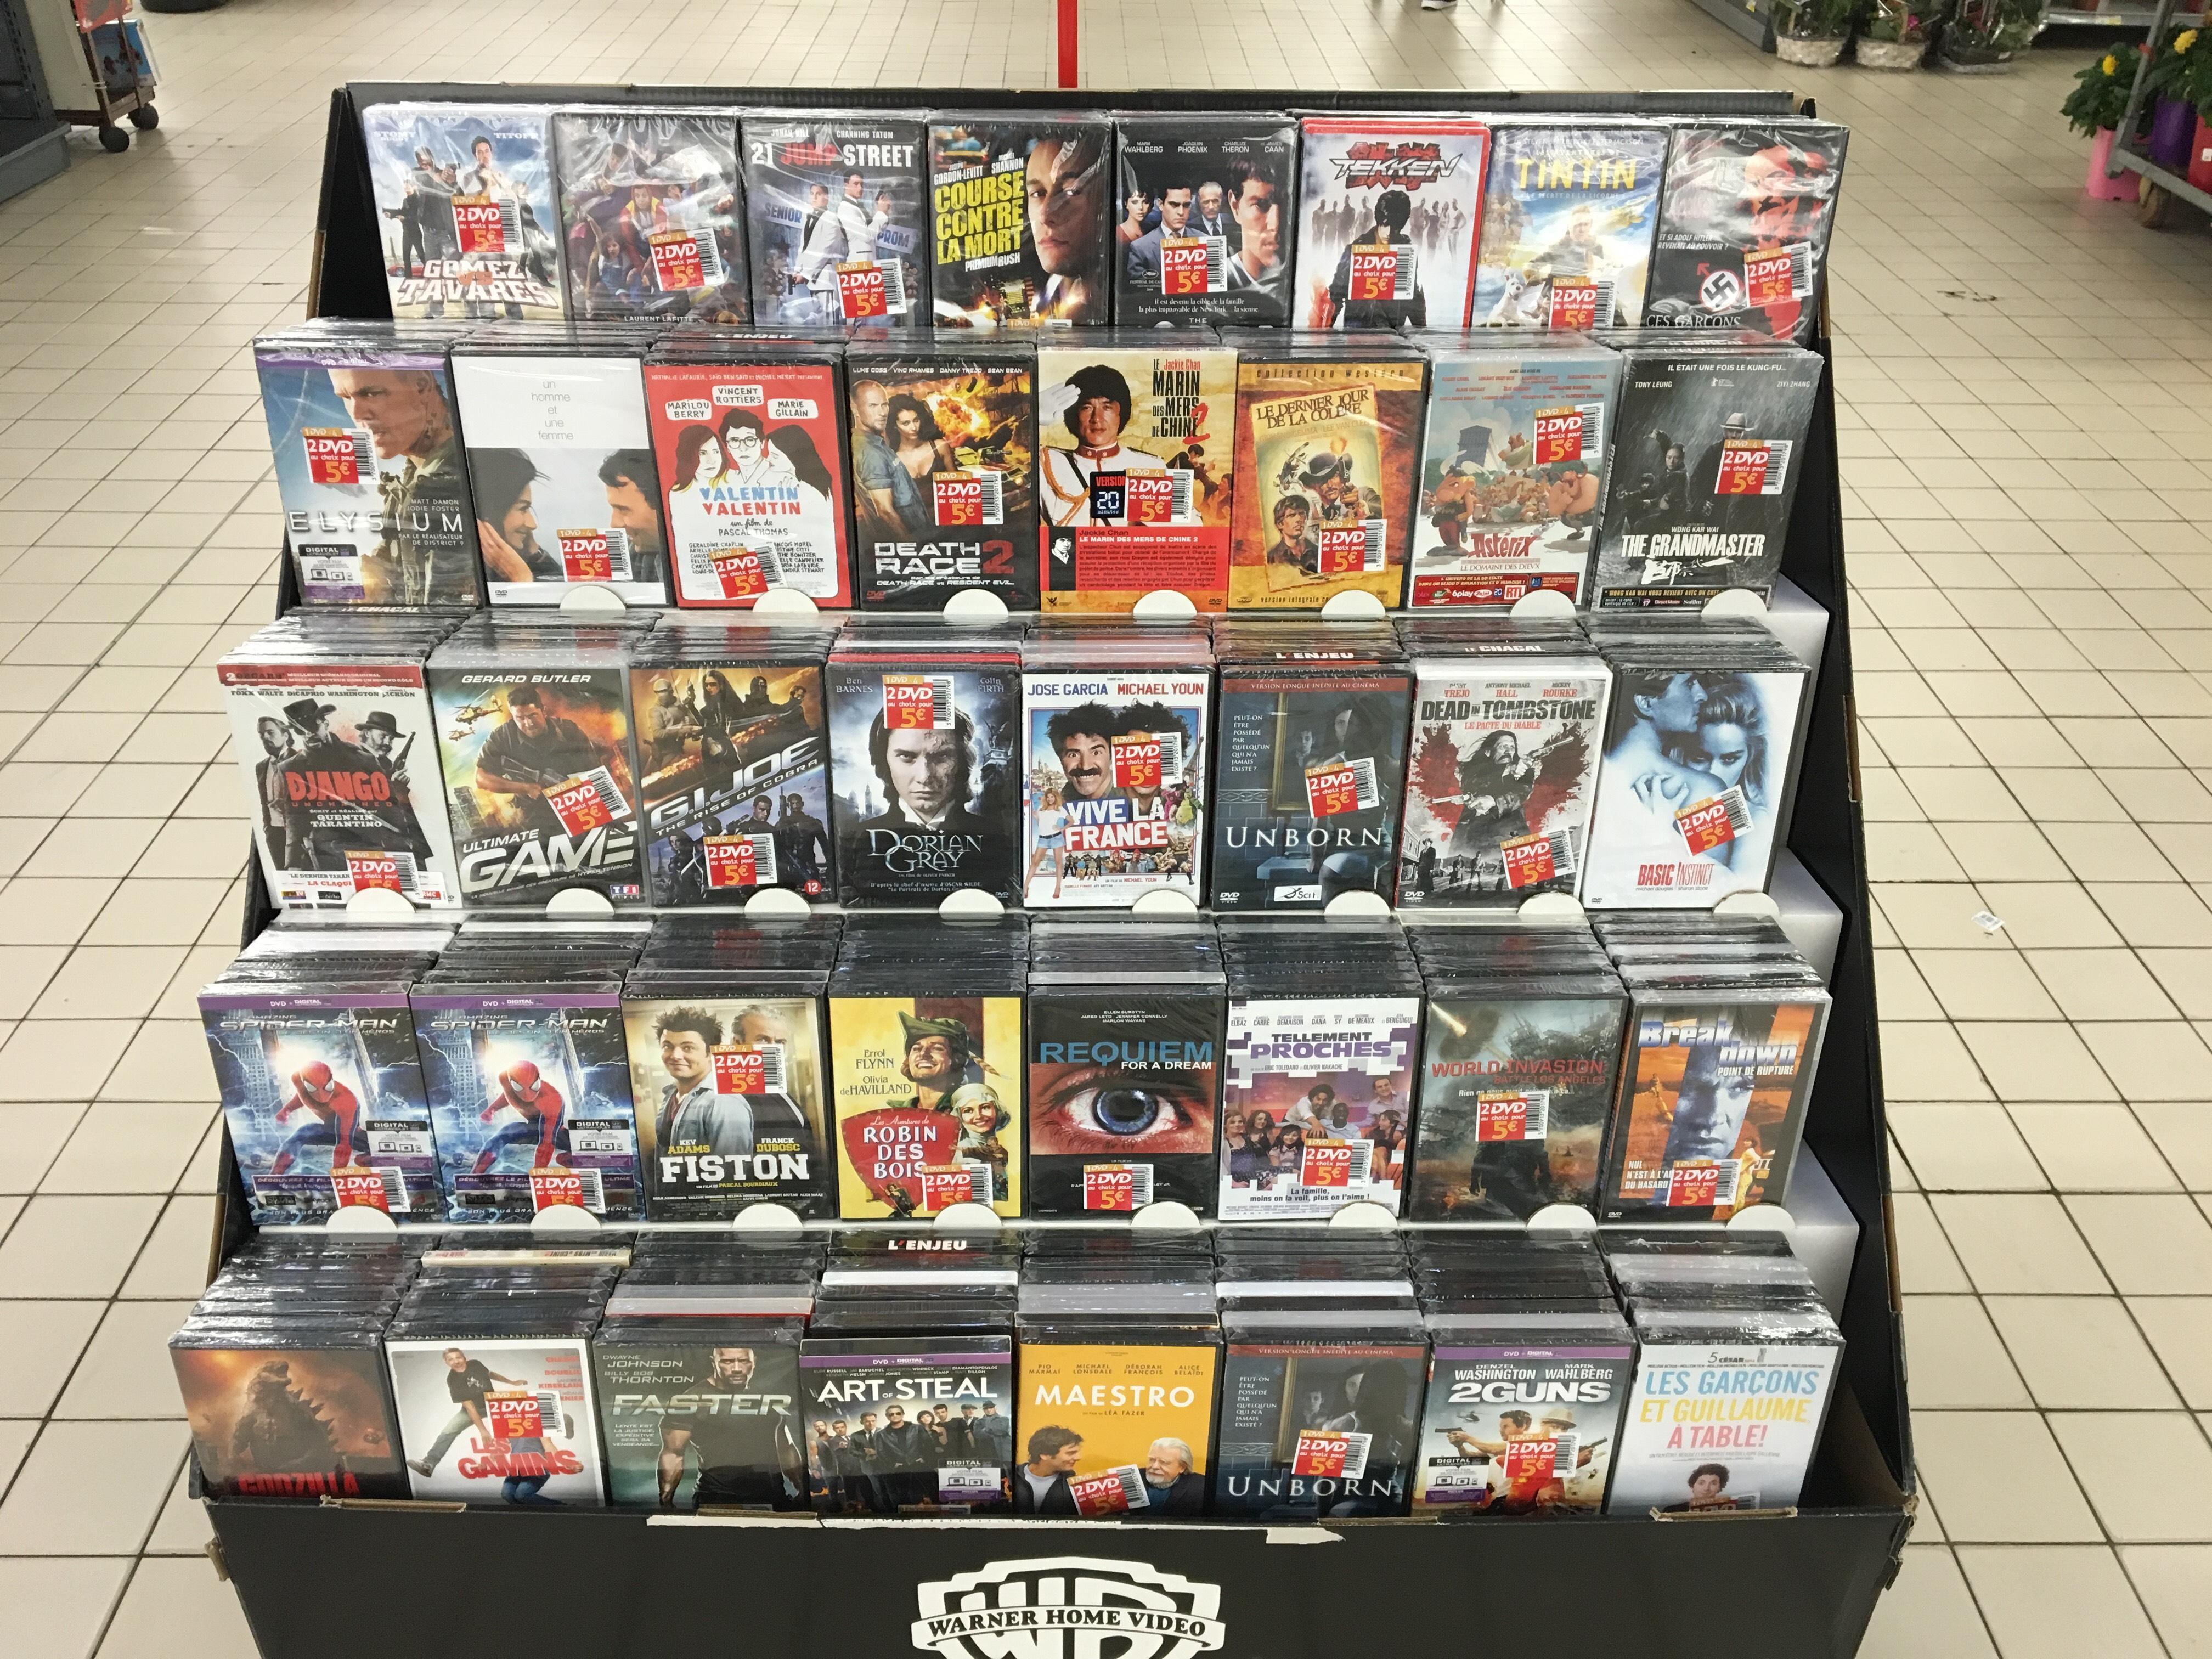 2 DVD au choix parmi une sélection